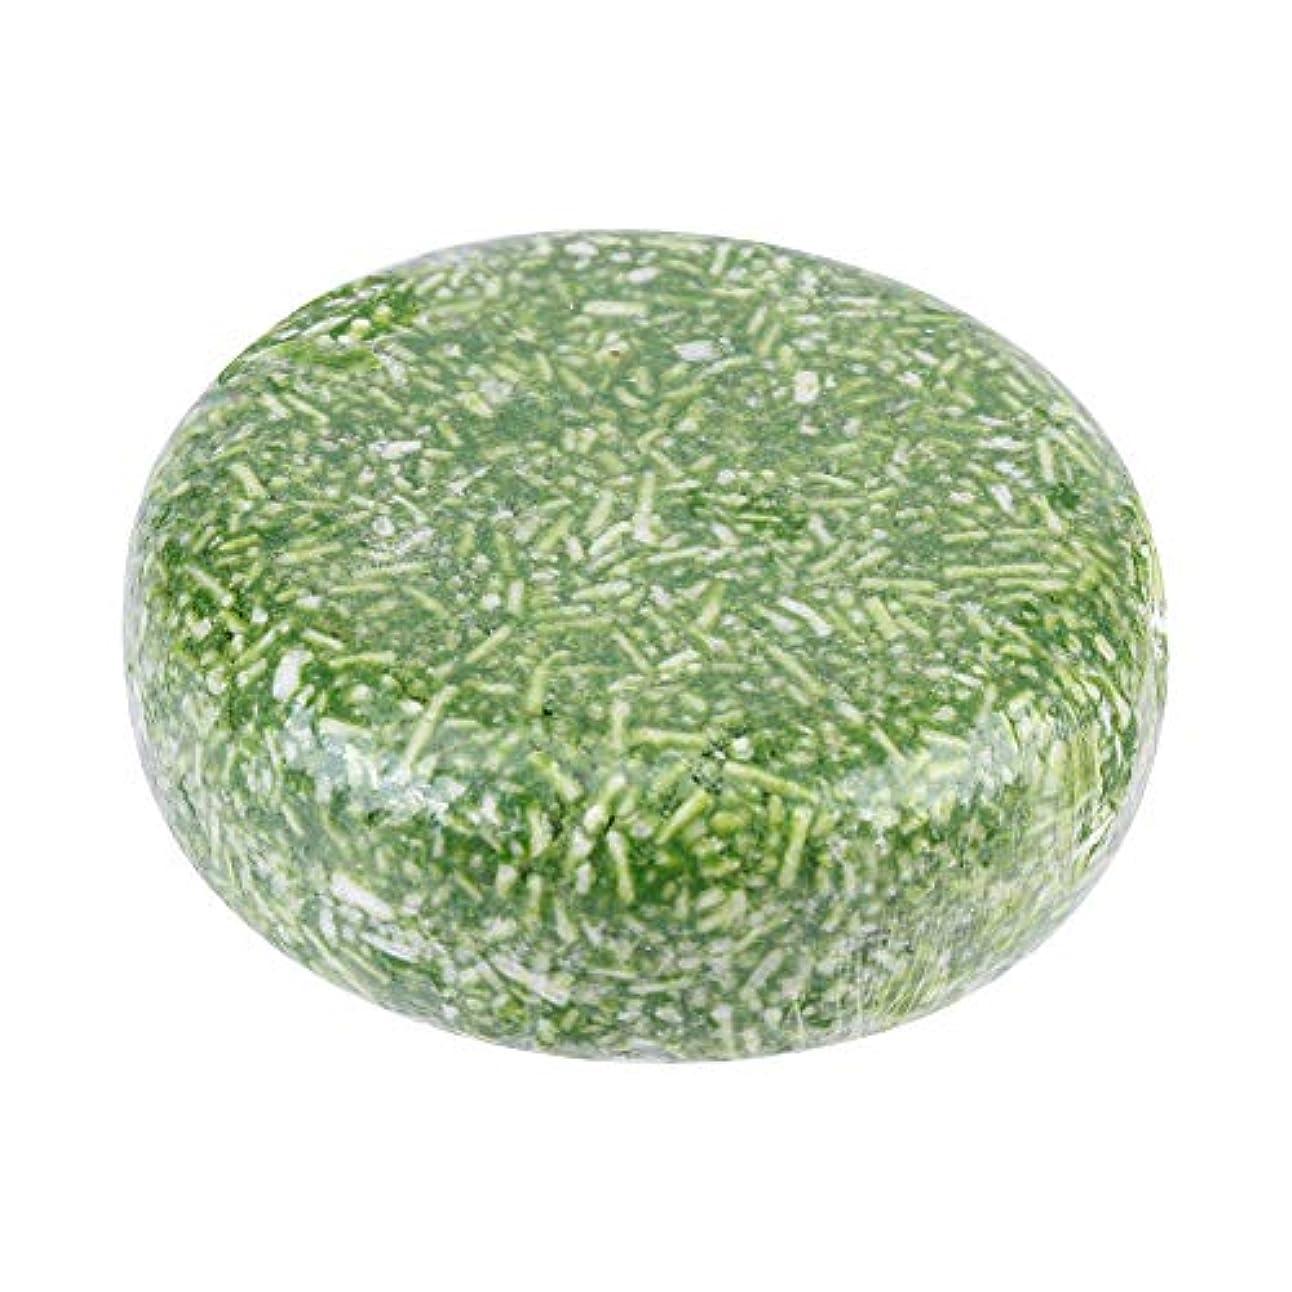 メドレー耐えられるデイジーオーガニック手作り冷たいシナモンシャンプーバー100%ピュアヘアシャンプー(グリーン)